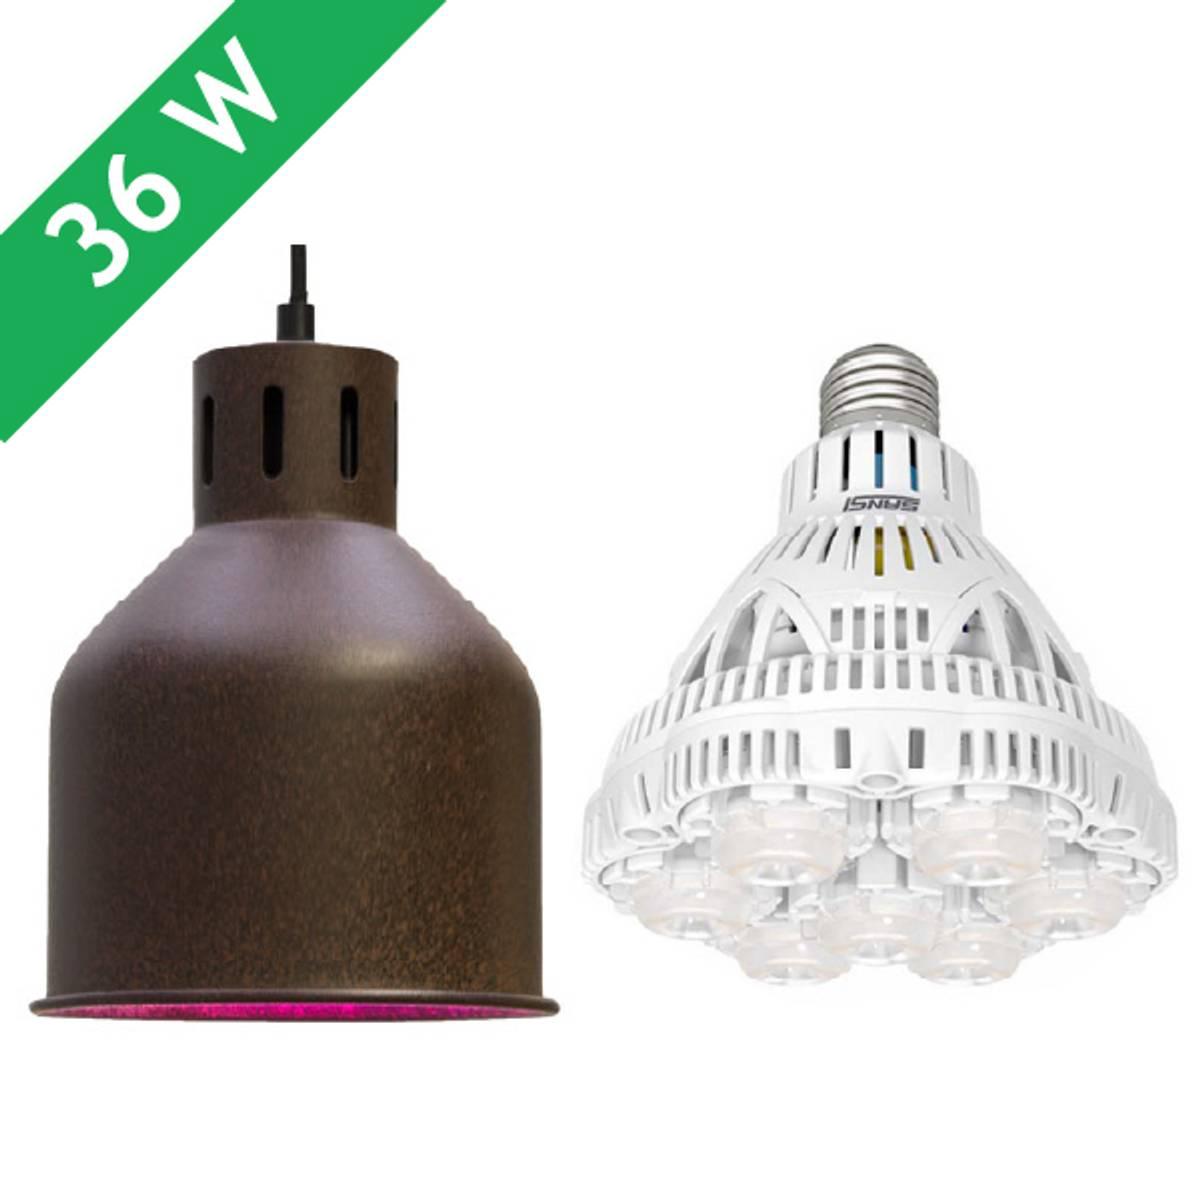 Saga armatur 'rust' med LED-pære 36 W